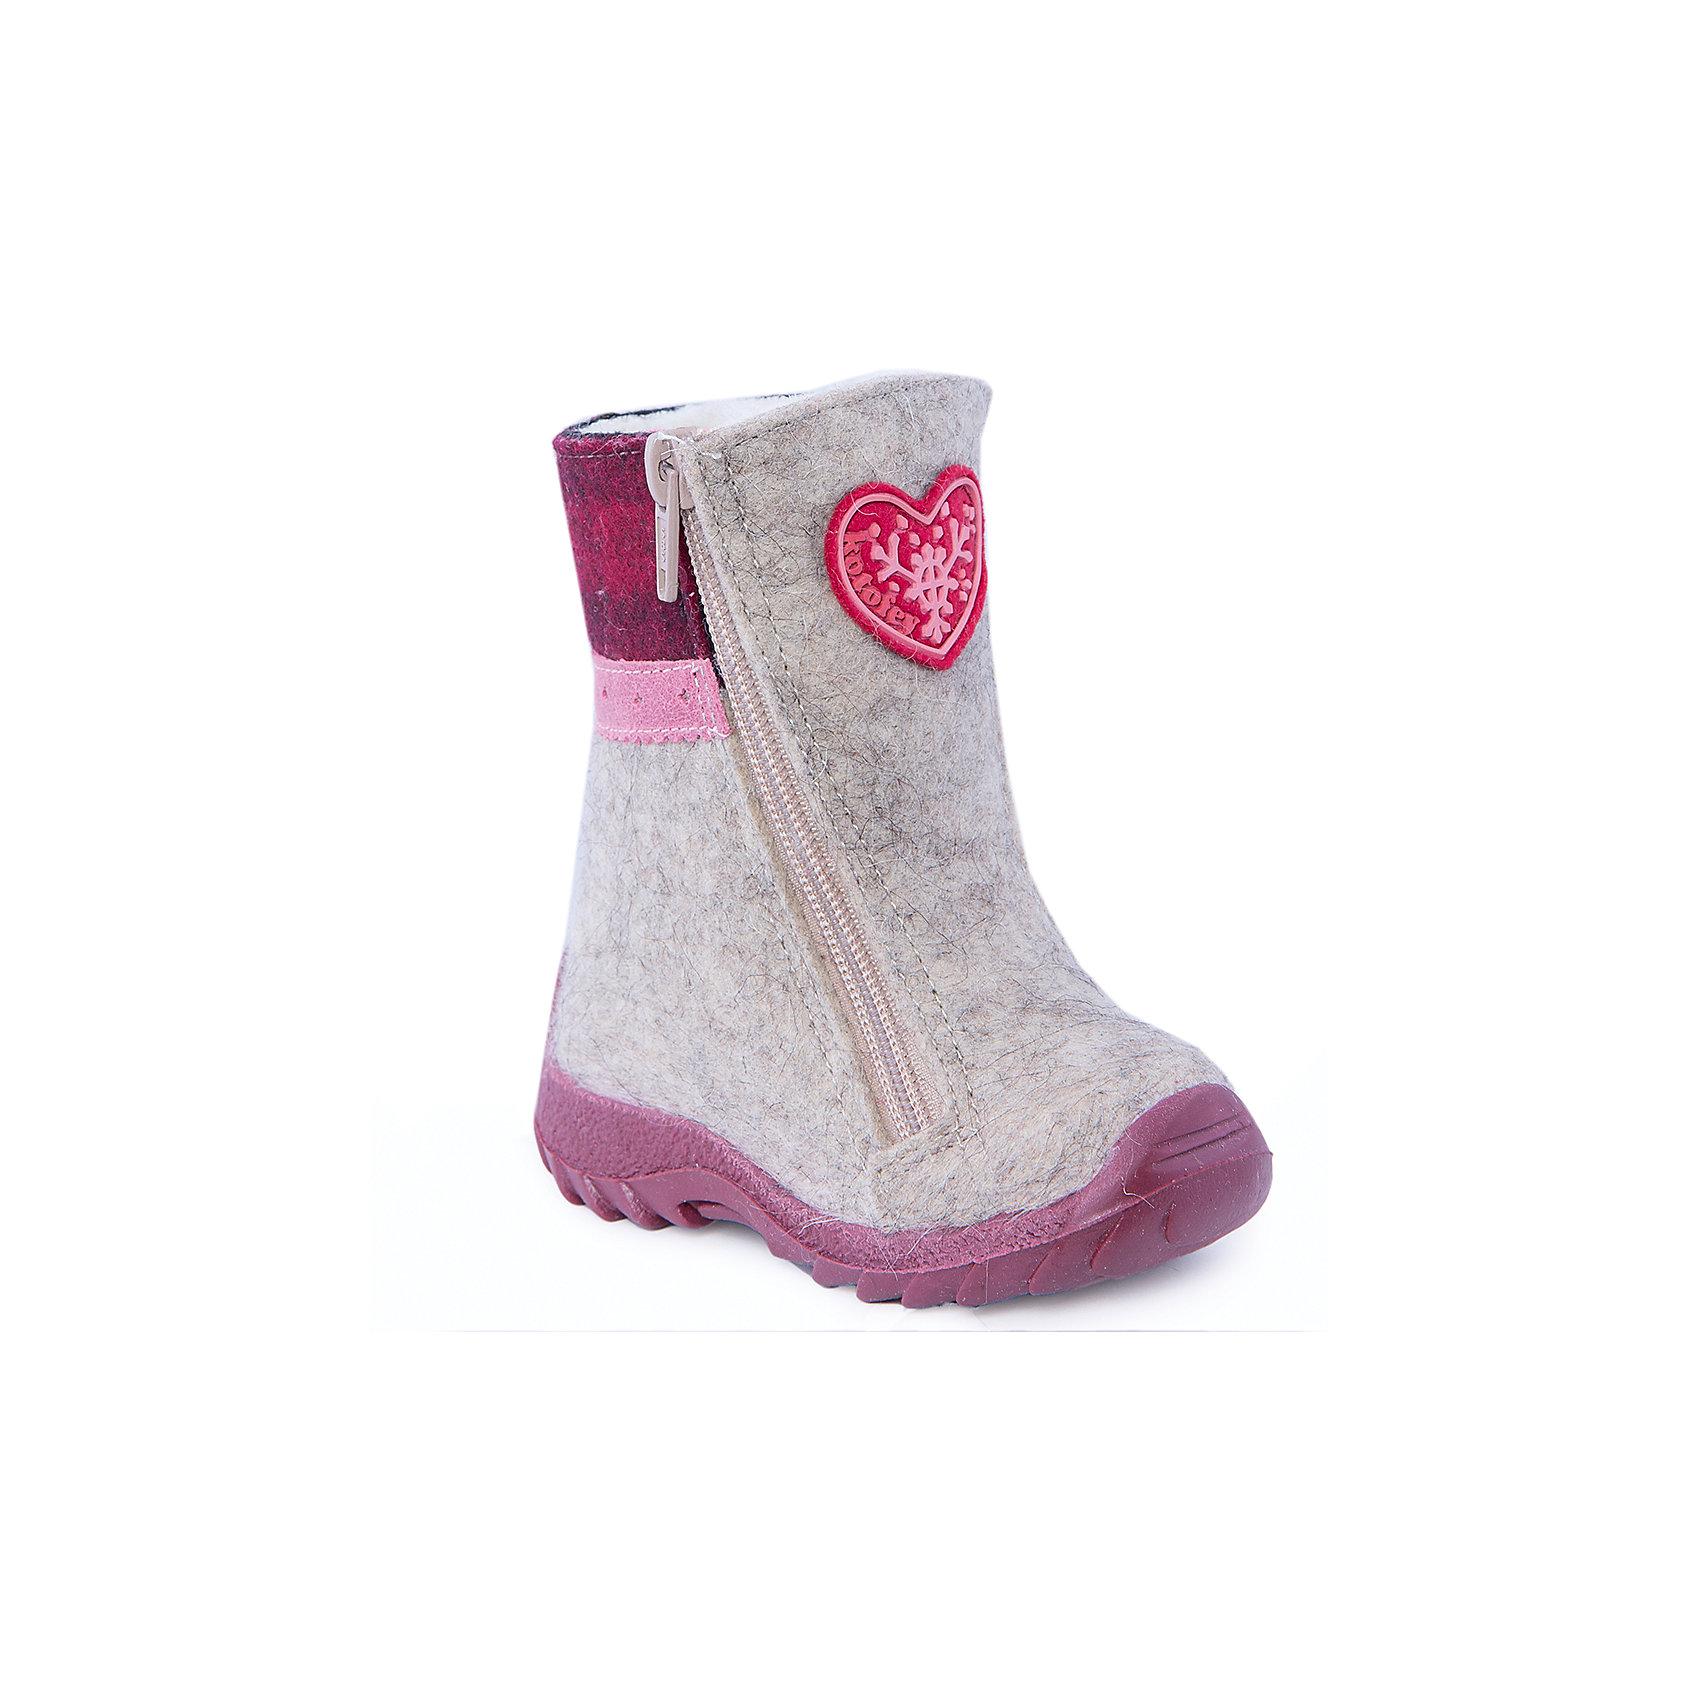 Валенки для девочки КотофейВаленки для девочки  от известного российского бренда Котофей<br><br>Теплые и удобные валенки помогут защитить детские ножки от сырости и холода. Они легко надеваются, комфортно садятся по ноге.<br><br>Особенности модели: <br><br>- цвет - серый;<br>- стильный дизайн;<br>- нашивка в виде сердечка;<br>- защита пятки и пальцев;<br>- удобная колодка;<br>- подкладка утепленная;<br>- вид крепления – клеевой;<br>- амортизирующая подошва;<br>- застежка - молния.<br><br>Дополнительная информация:<br><br>Температурный режим: <br><br>от 0° С до -25° С<br><br>Состав:<br>верх – войлок;<br>подкладка - шерстяной мех;<br>подошва - ТЭП.<br><br>Валенки для девочки Котофей можно купить в нашем магазине.<br><br>Ширина мм: 257<br>Глубина мм: 180<br>Высота мм: 130<br>Вес г: 420<br>Цвет: серый<br>Возраст от месяцев: 12<br>Возраст до месяцев: 15<br>Пол: Женский<br>Возраст: Детский<br>Размер: 21,22,24,23<br>SKU: 4315219